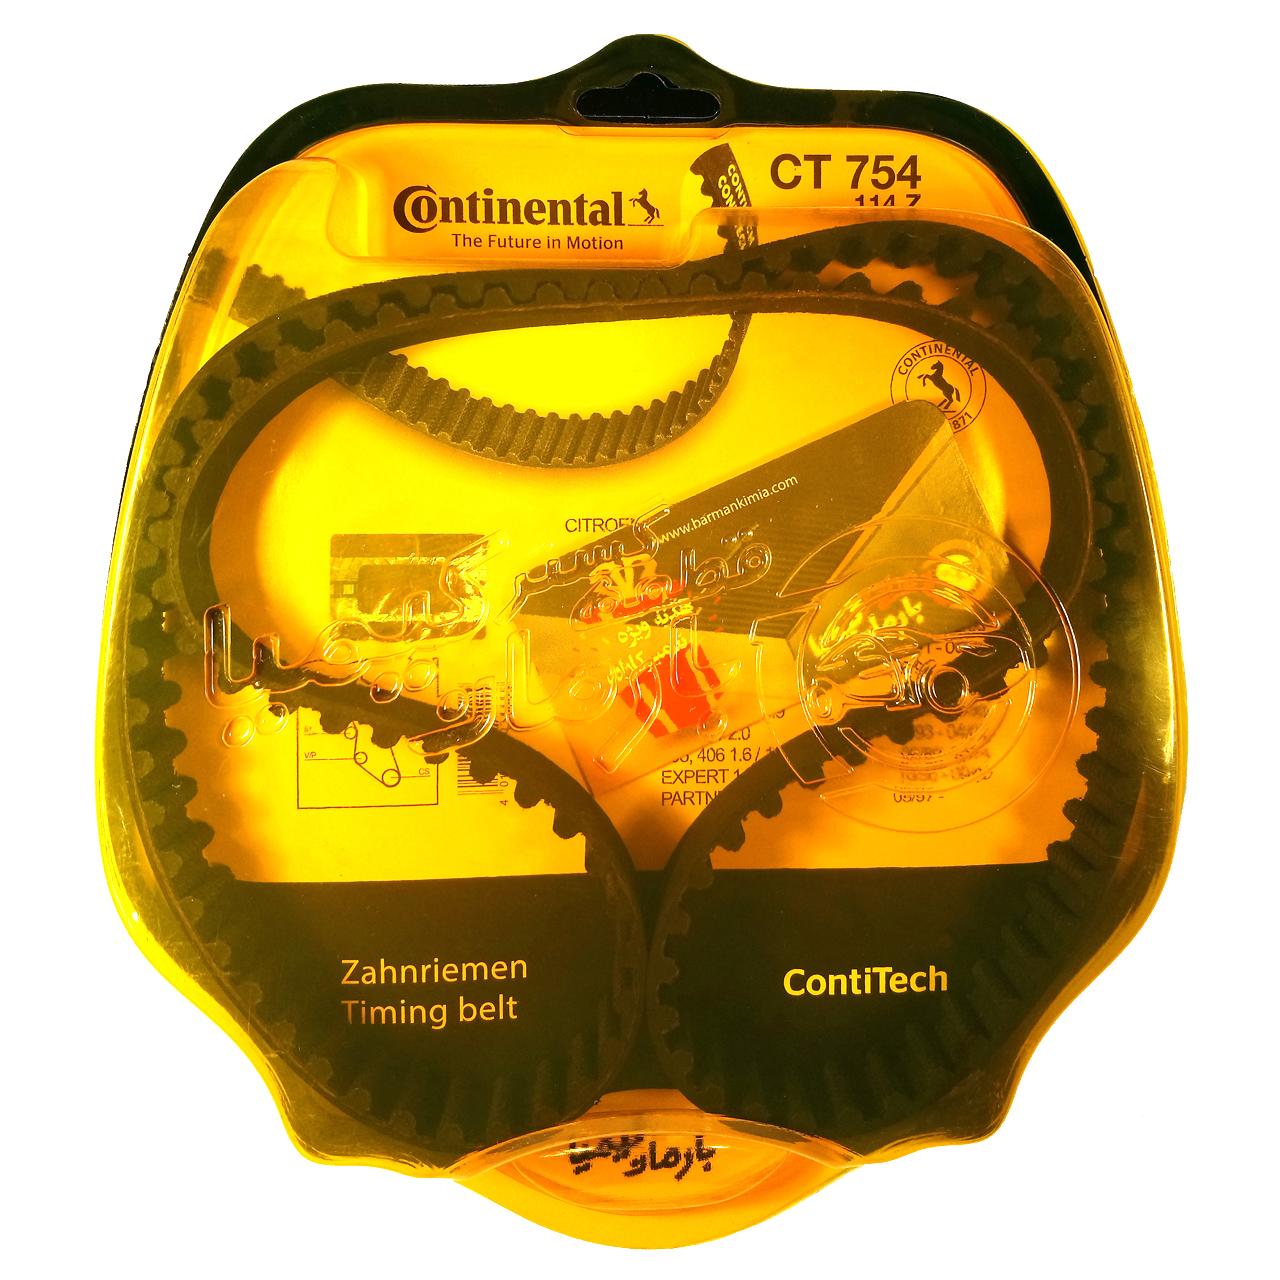 تسمه تایم کنتیننتال مدل CT754 مناسب برای پژو 405/پارس/سمند